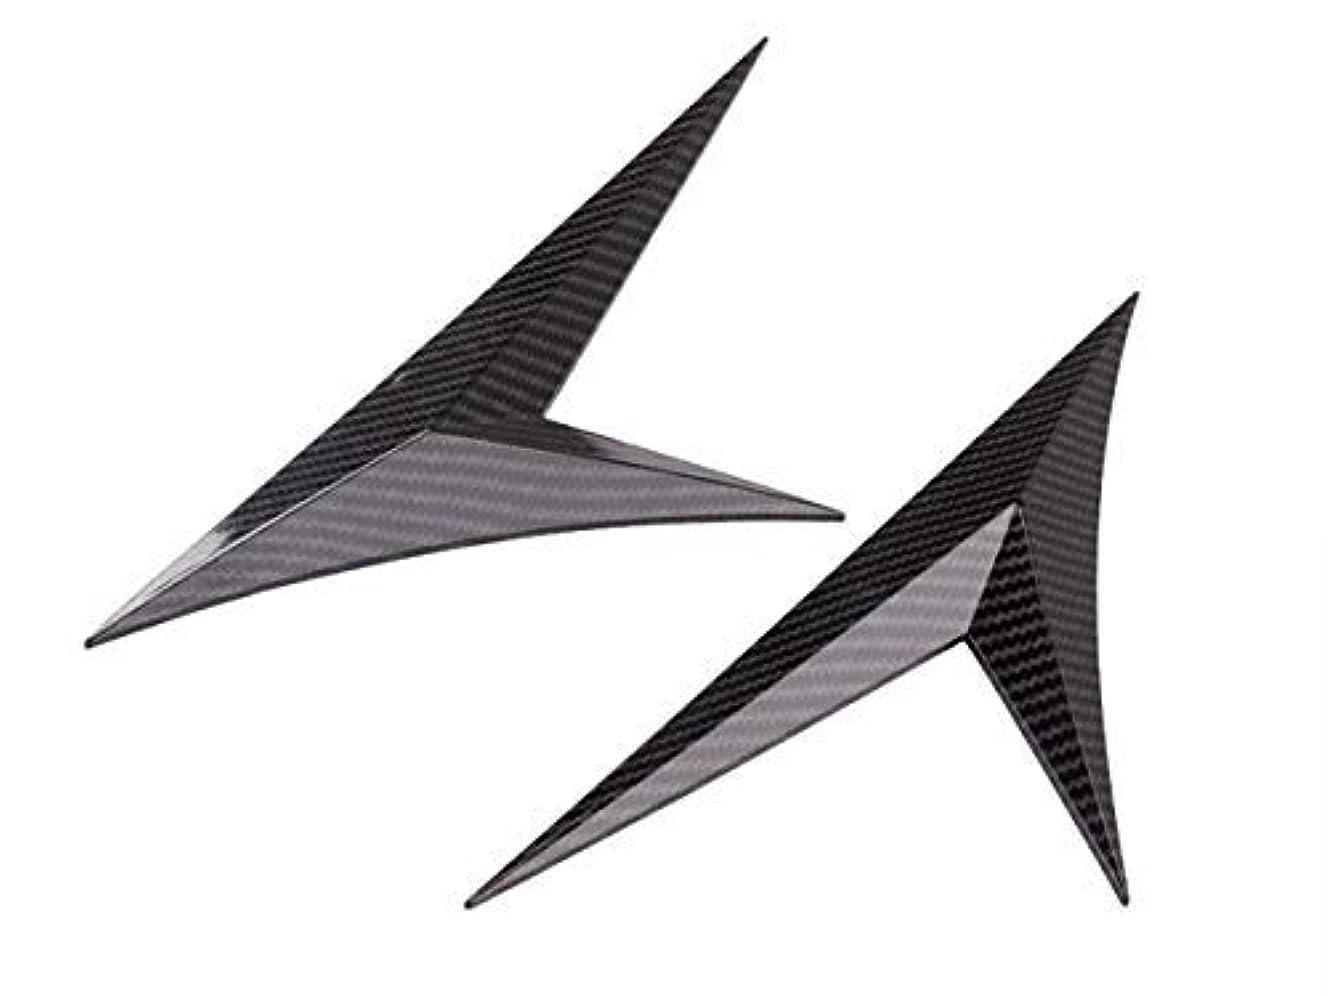 千送信するわずかにシビック 10代目 クォーターパネルガーニッシュ フェンダー アクセサリー 防水 簡単貼り付け 外装パーツ 1P Autozone